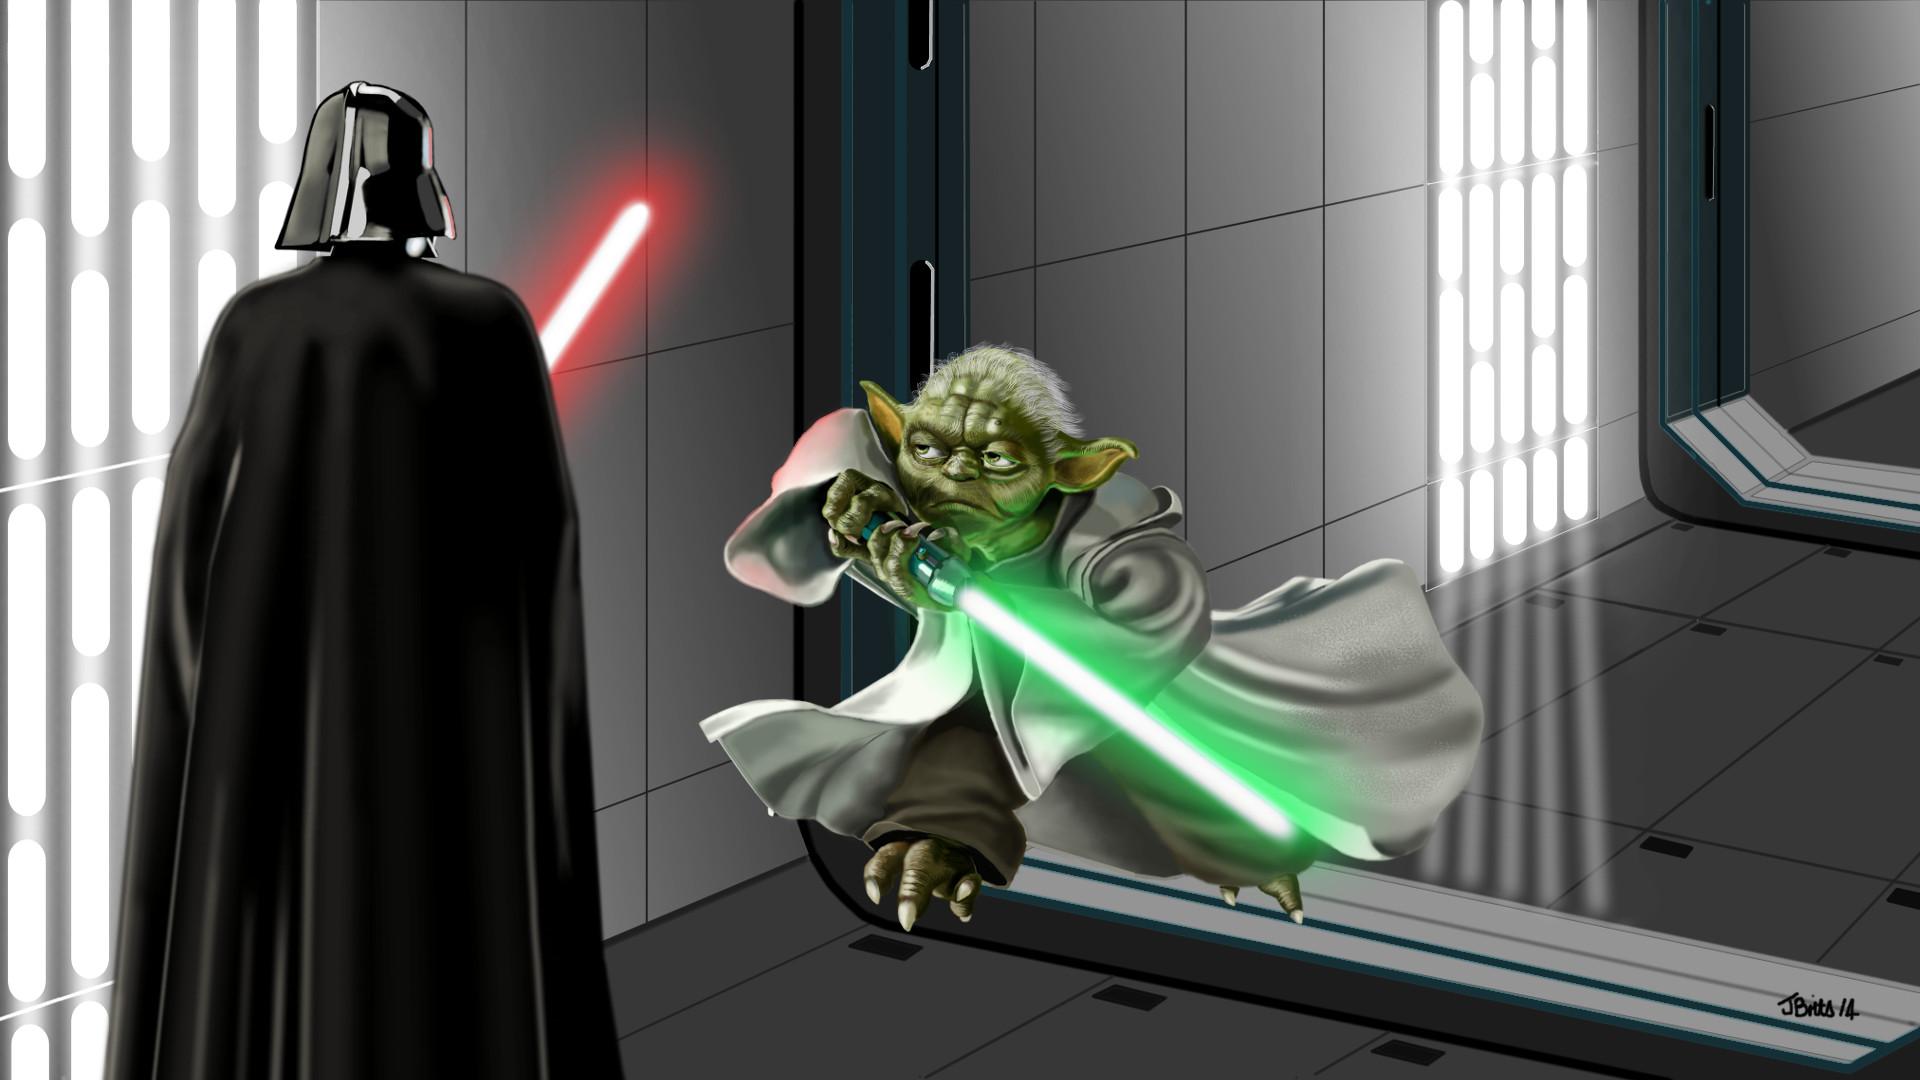 Star Wars Ultimate Battle - Darth Vader vs. Yoda